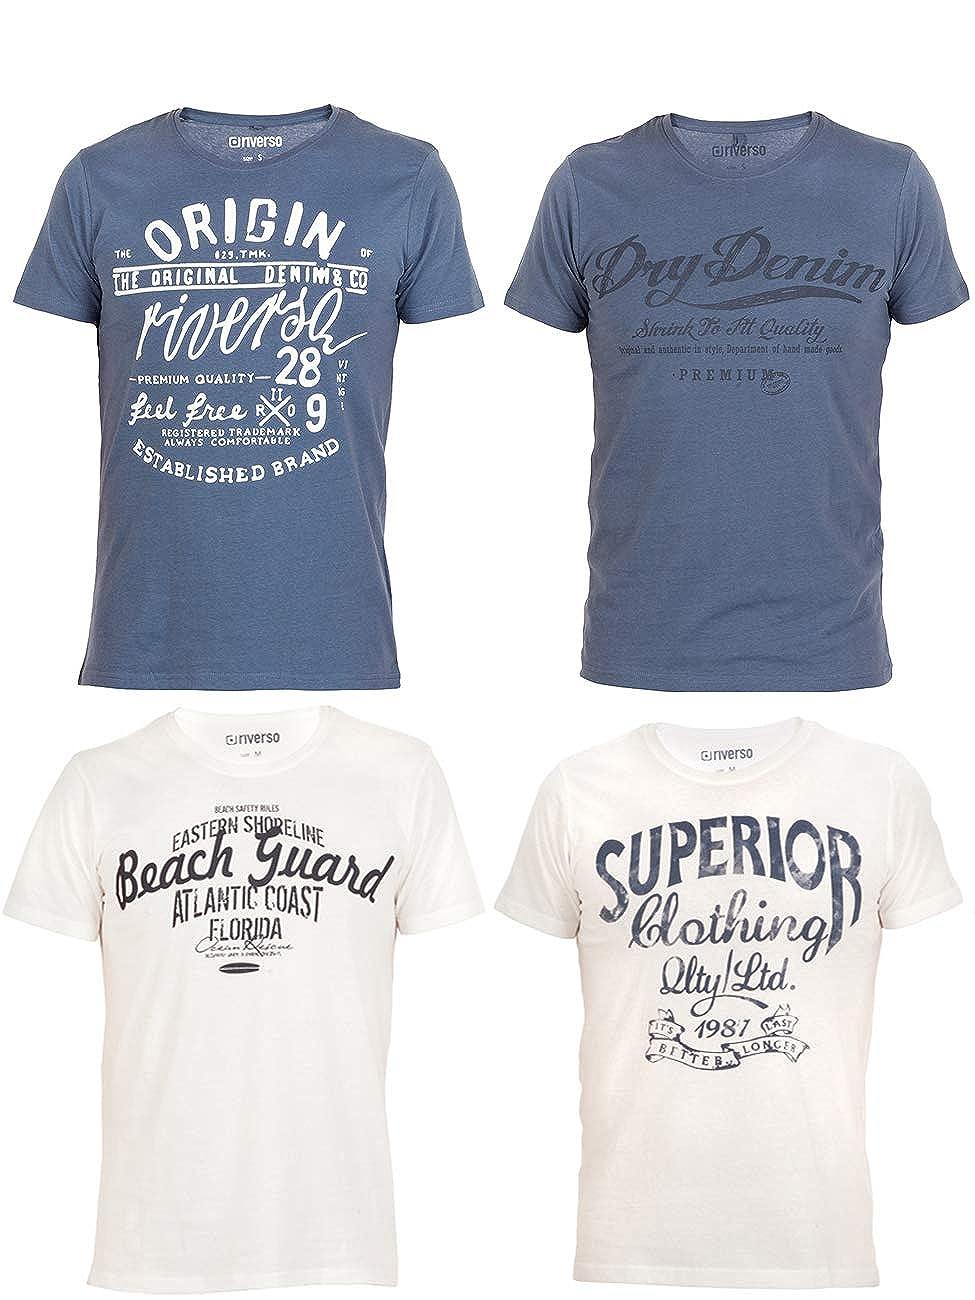 Grau riverso Herren T-Shirt Leon 4er Pack Rundhals O-Neck mit Print S-5XL 100/% Baumwolle Blau Regular Fit Wei/ß Gr/ün